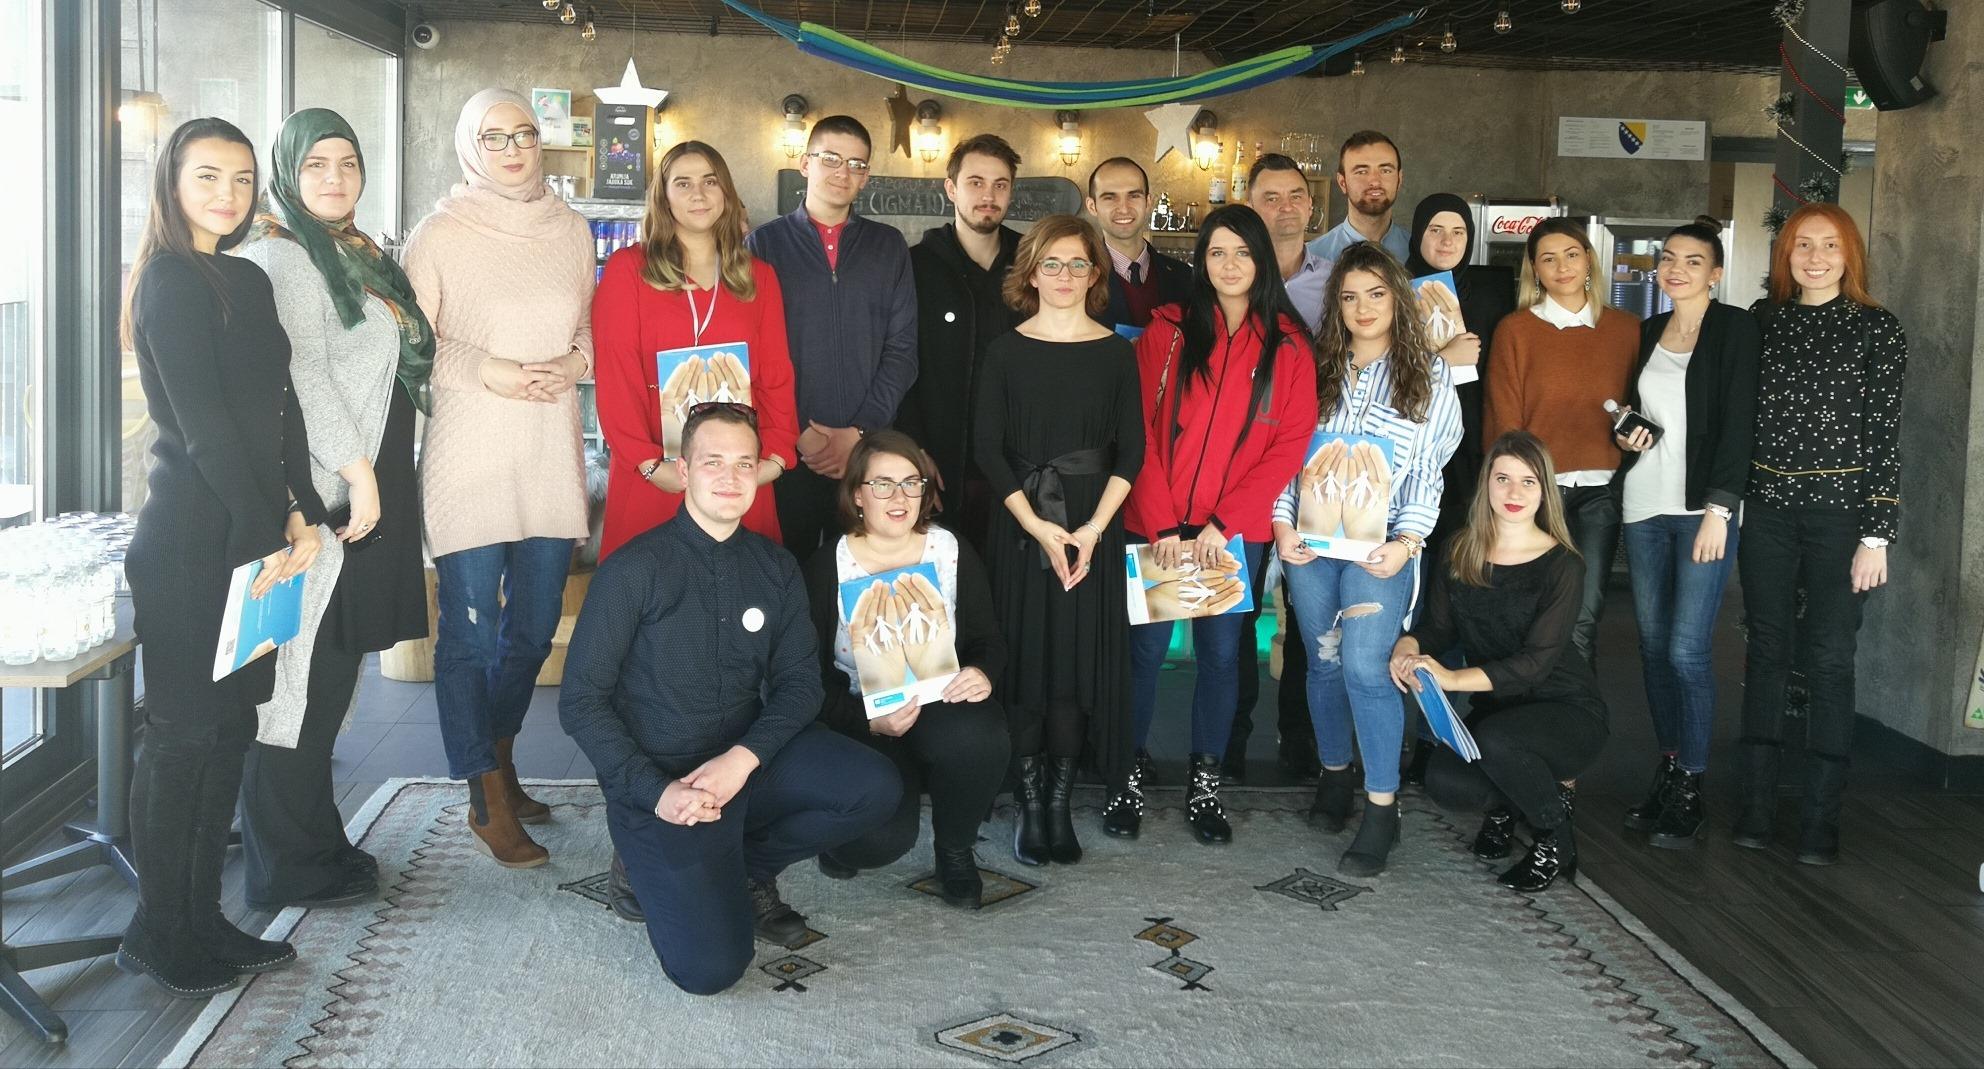 Održana panel diskusija Volonterizam u službi izgradnje kapaciteta mladih Foto: SOS Djecija sela